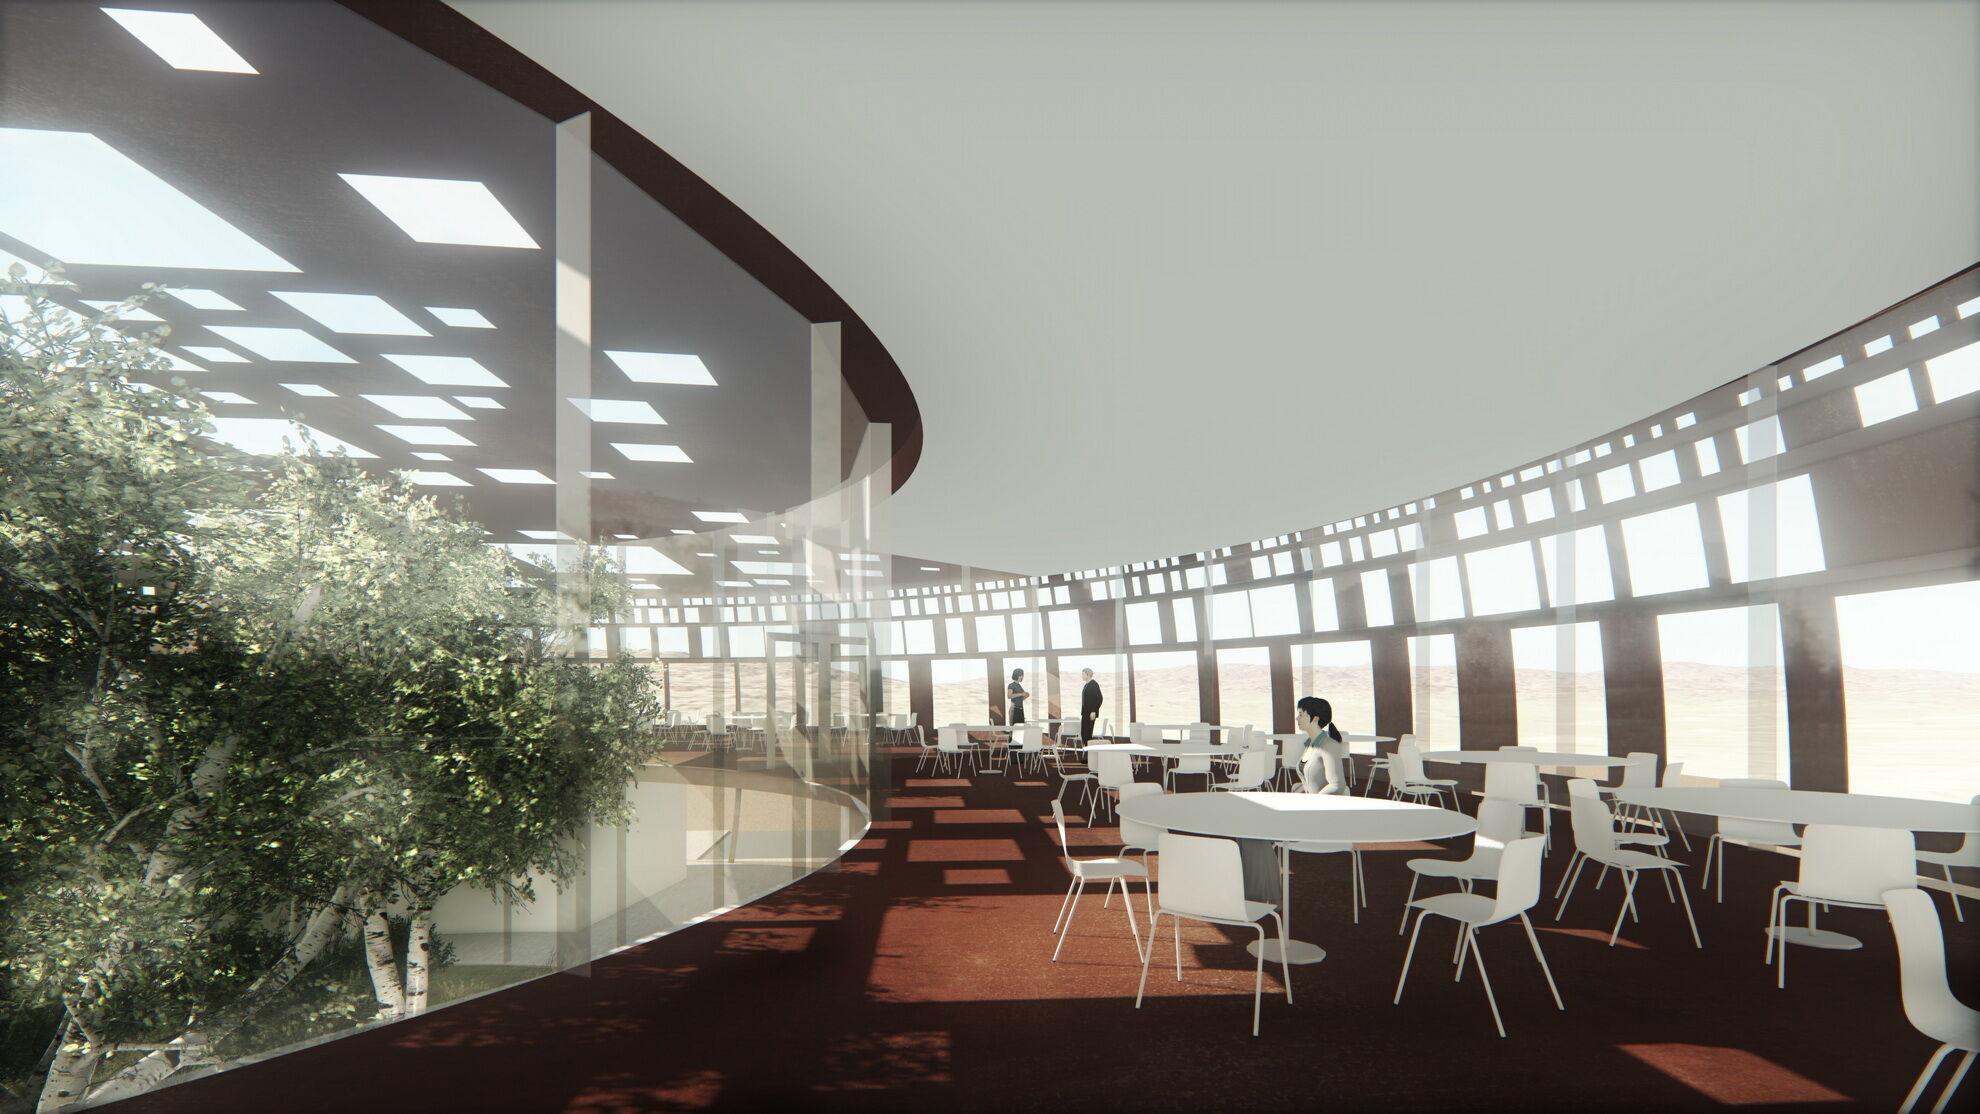 Новий тестовий центр стане відмінним місцем для проведення зустрічей із клієнтами та партнерами, які зможуть на власні очі побачити процеси випробувань